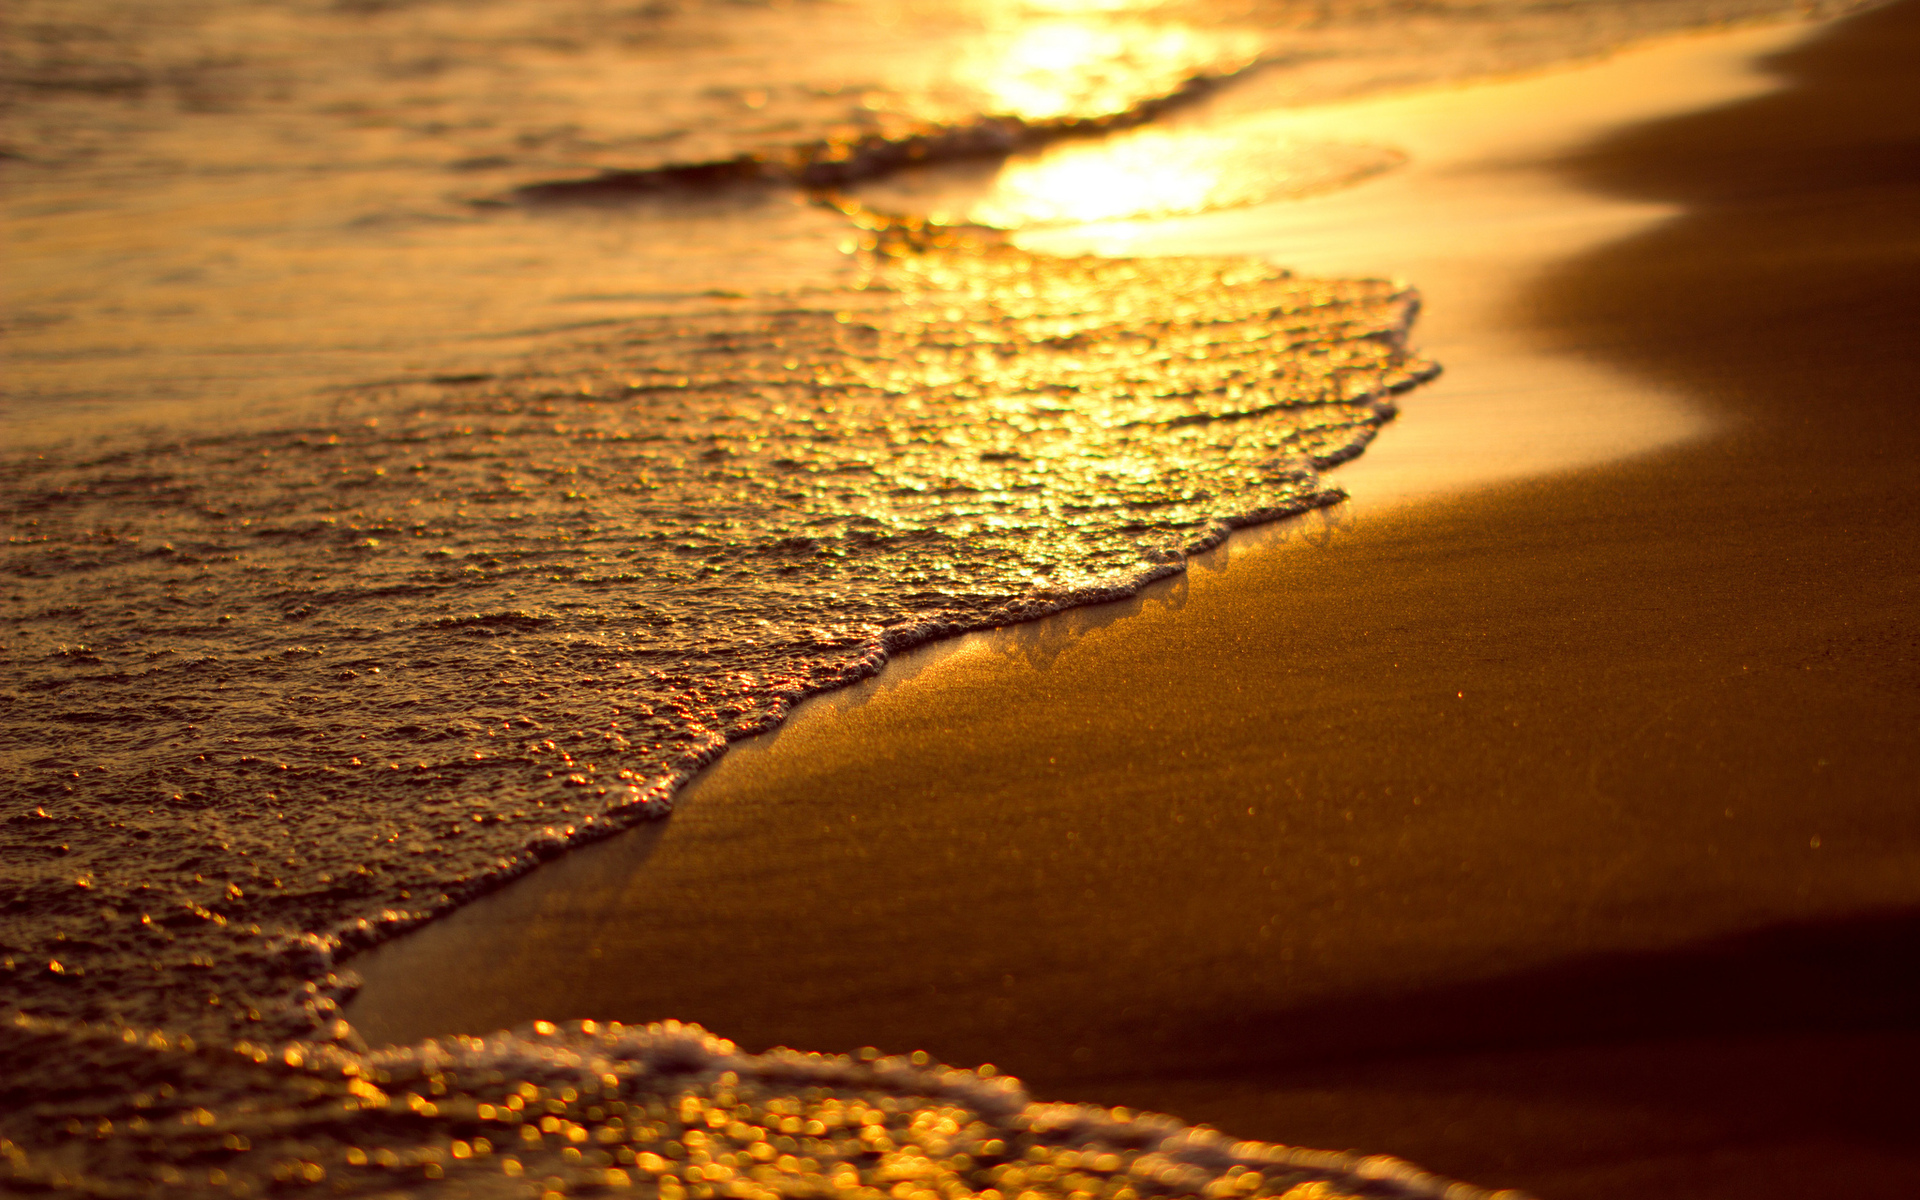 Buddha 3d Wallpaper Hd Amazing Sunset Wallpapers Waves Hd Desktop Wallpapers